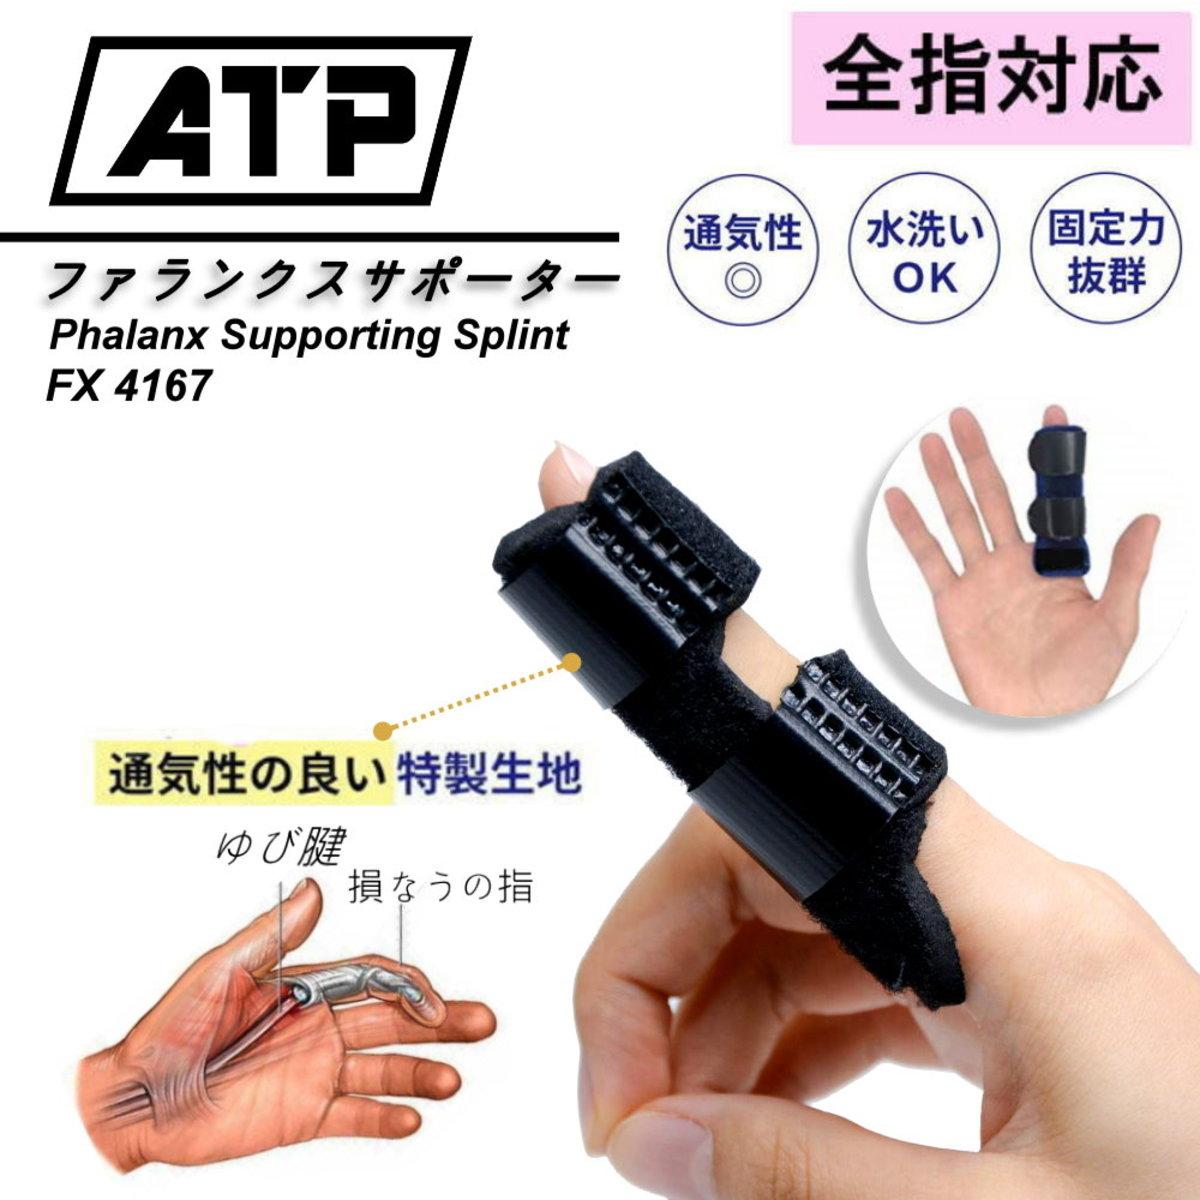 【最緊要撐住】ATP Phalanx Supporting Splint 指骨保護支架